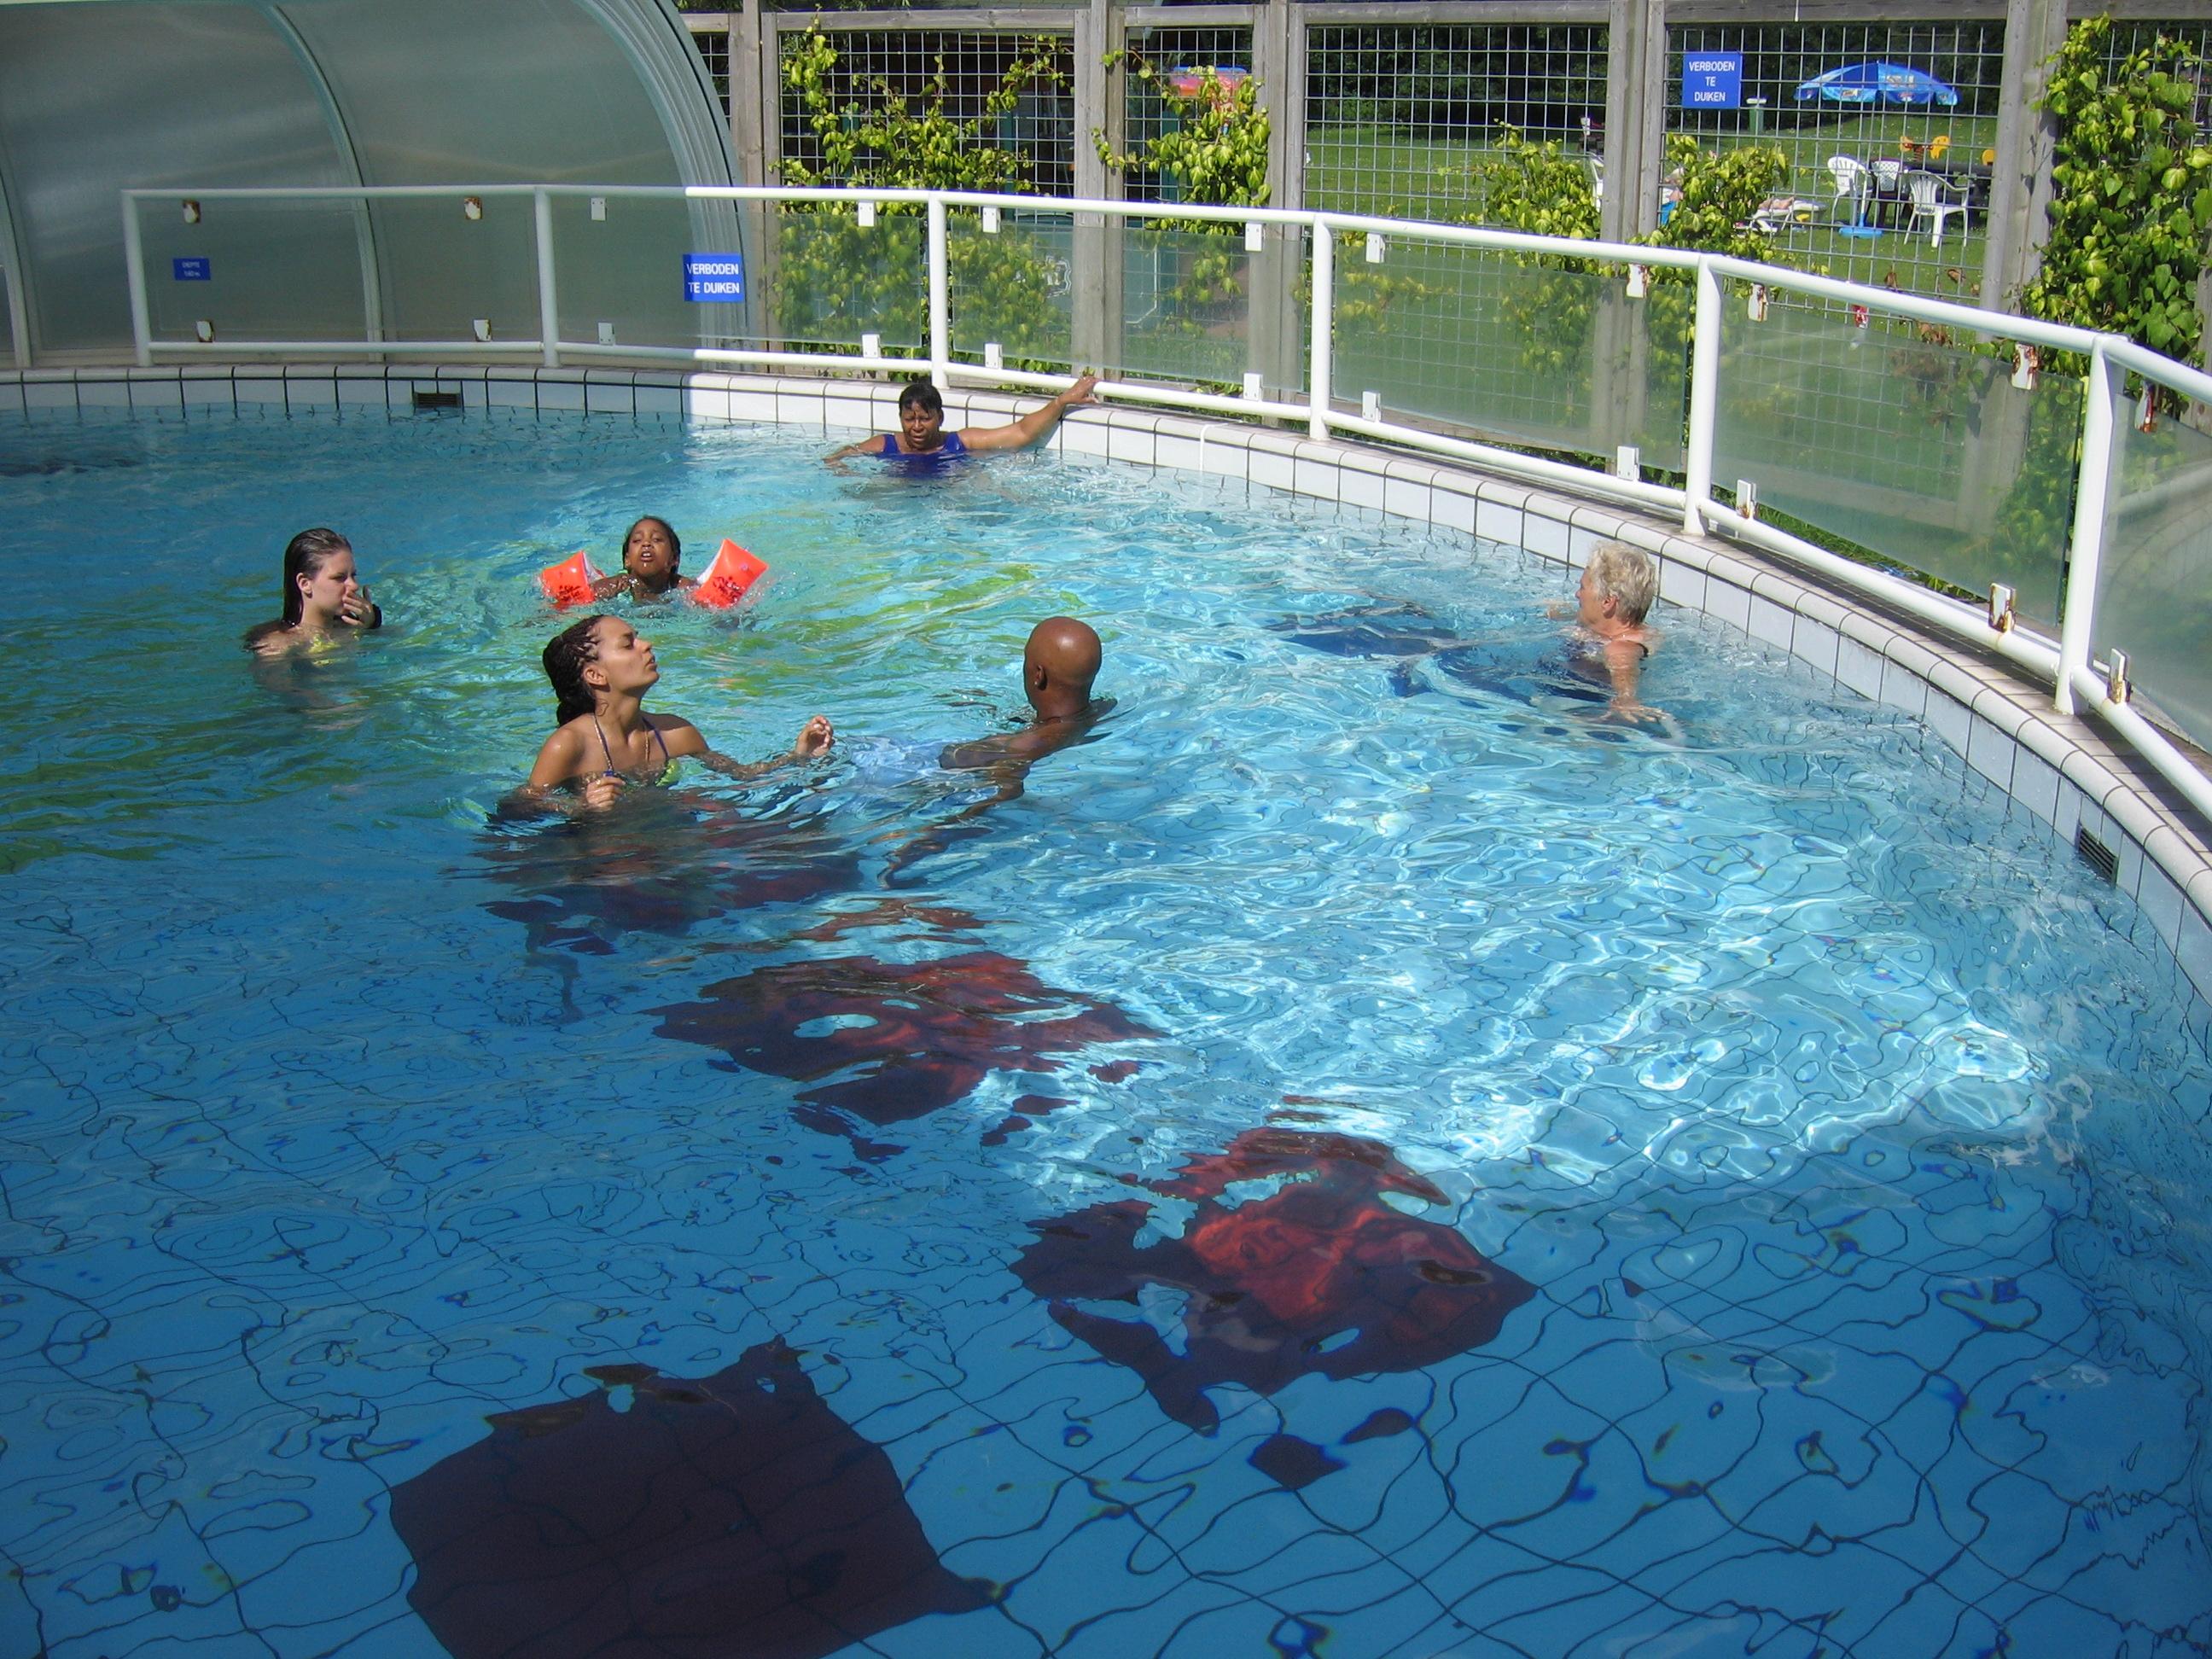 Zwembad De Fakkel : Zwembad de fakkel zwembadcamera » zwembadcamera